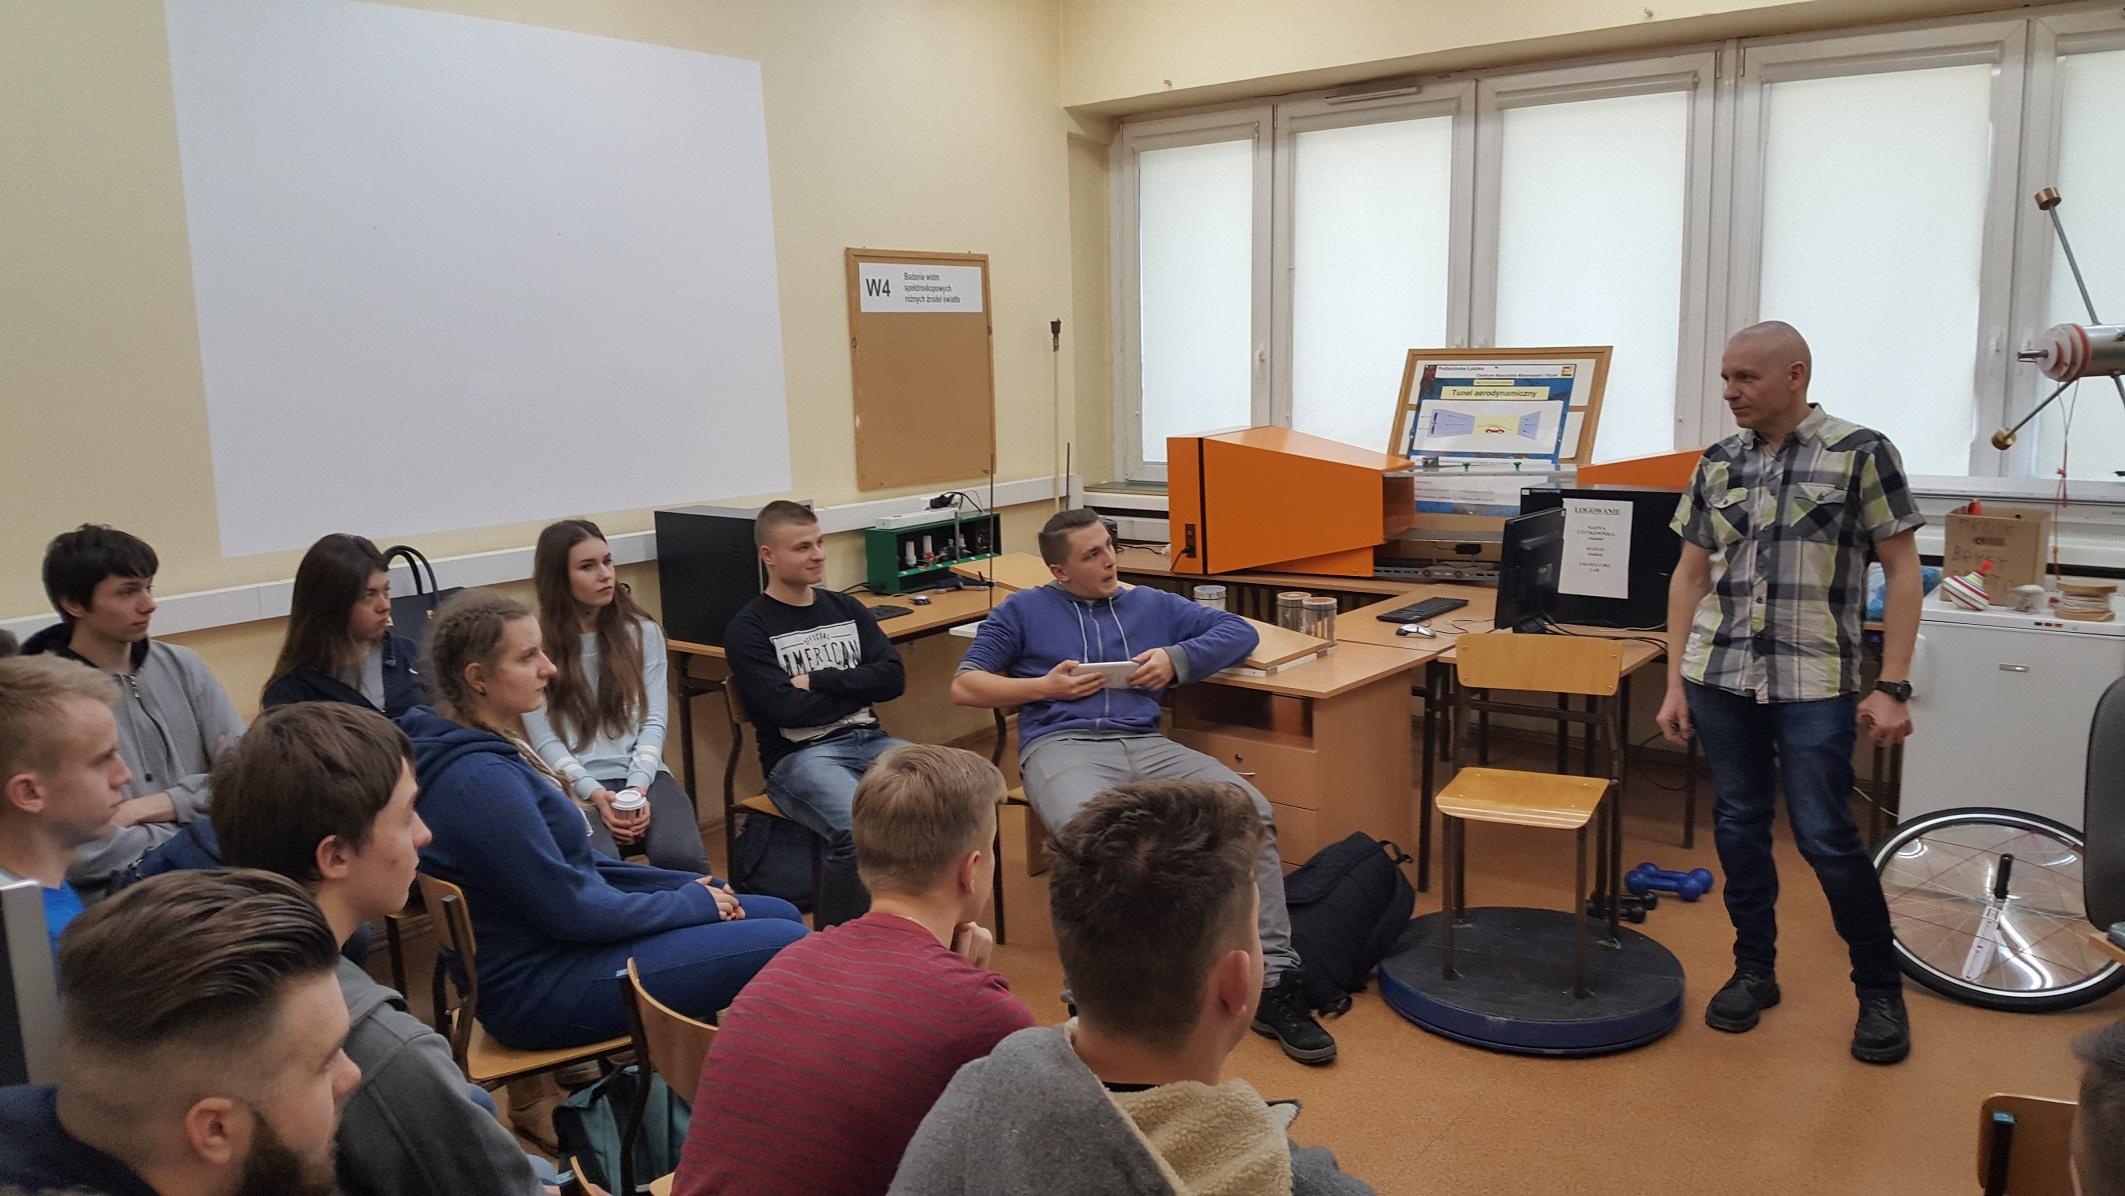 uczniowie na zajęciach z fizyi- CNMF-DZO-14.02.2017